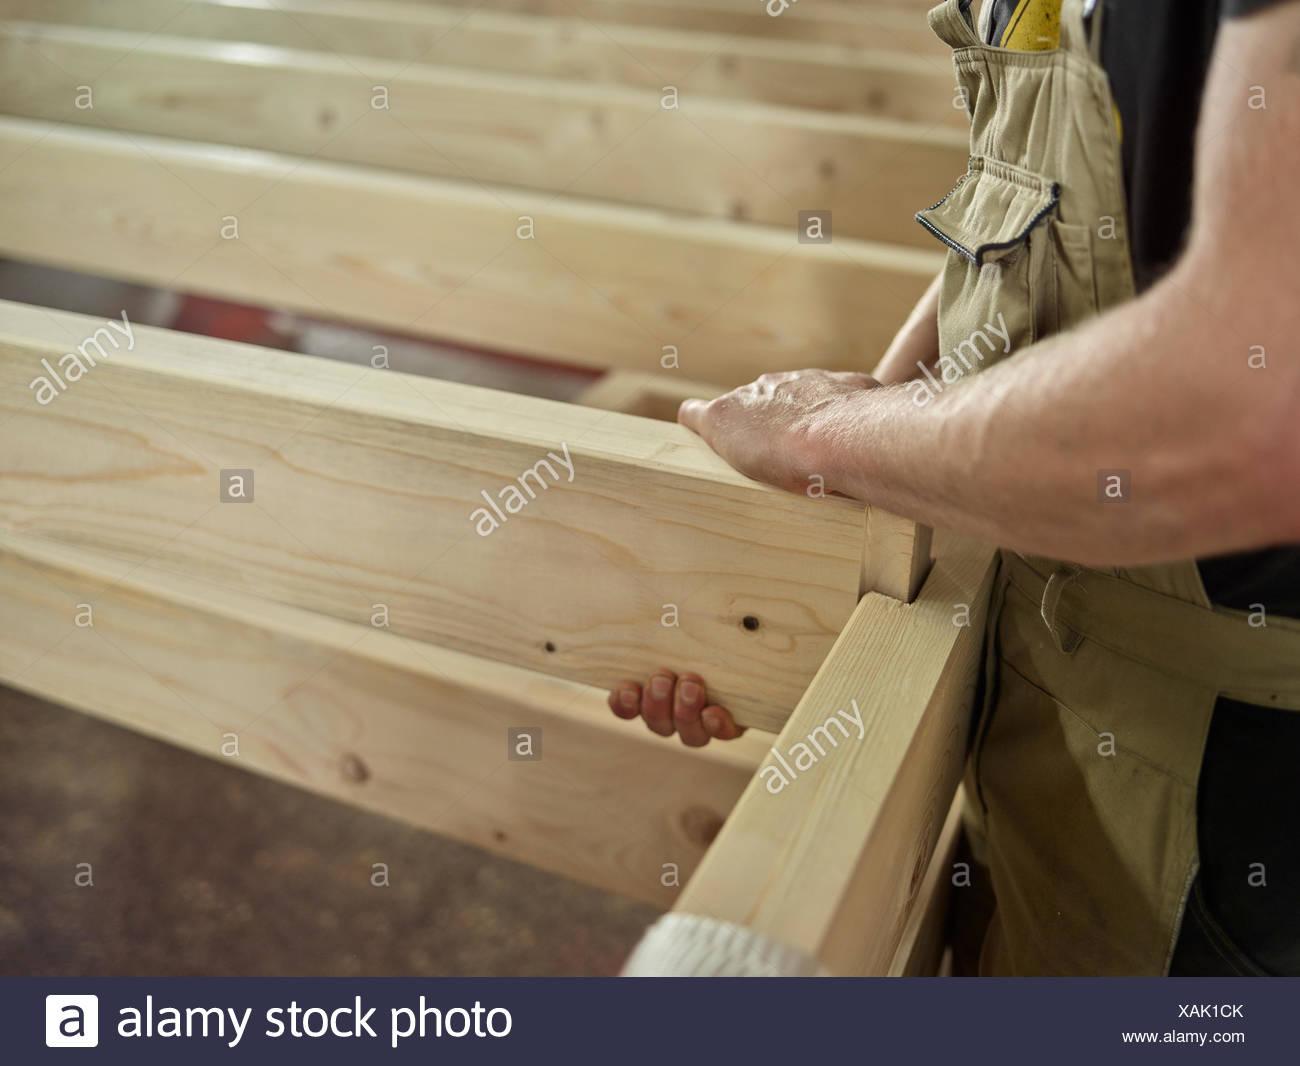 Las manos del hombre conectar dos vigas de madera con ranura y lengüeta de conexión de una construcción de madera, Austria Imagen De Stock